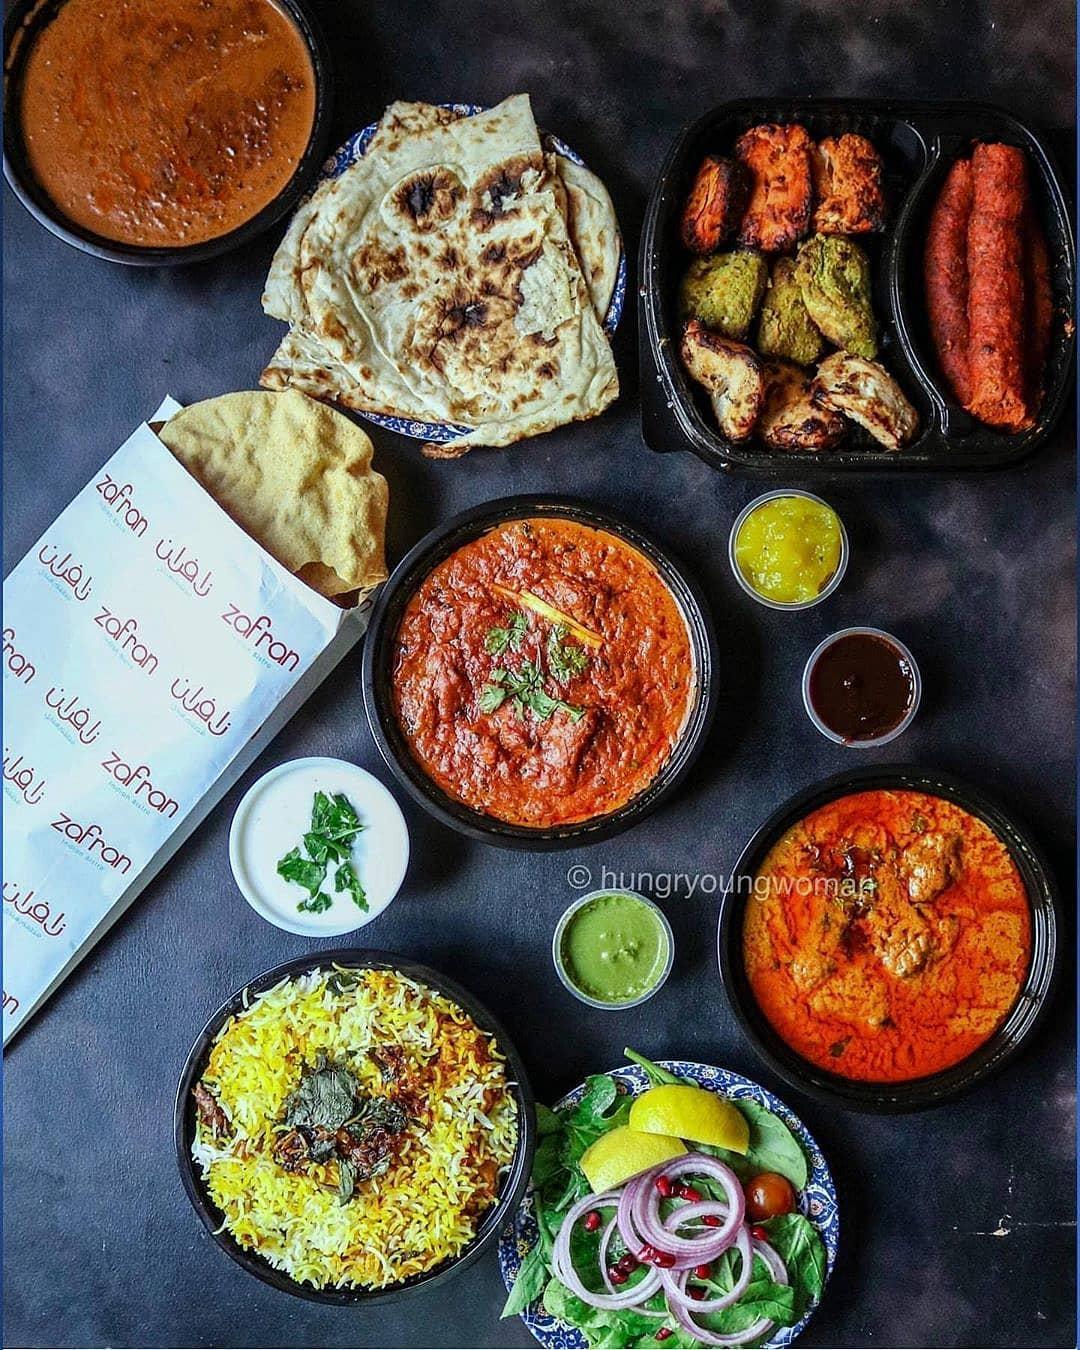 افضل مطاعم غداء بالرياض الاسعار المنيو الموقع كافيهات و